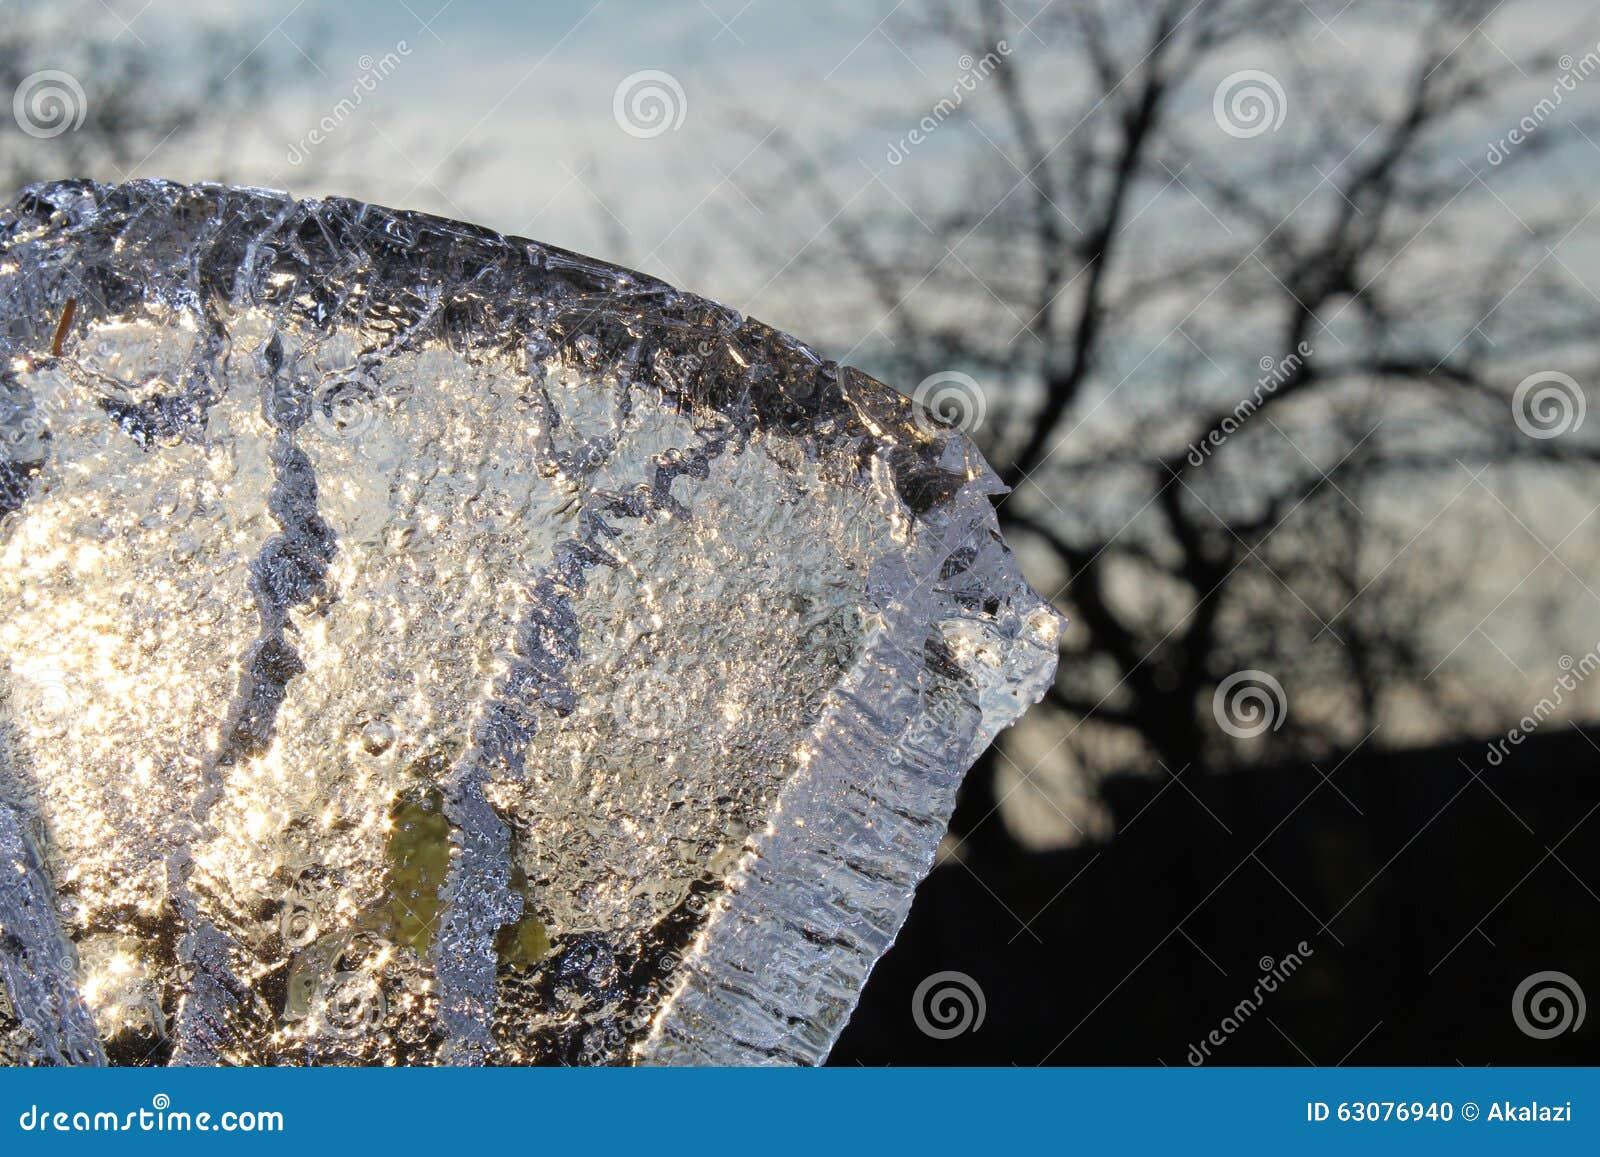 Download Morceau de glace photo stock. Image du lumière, sunlight - 63076940